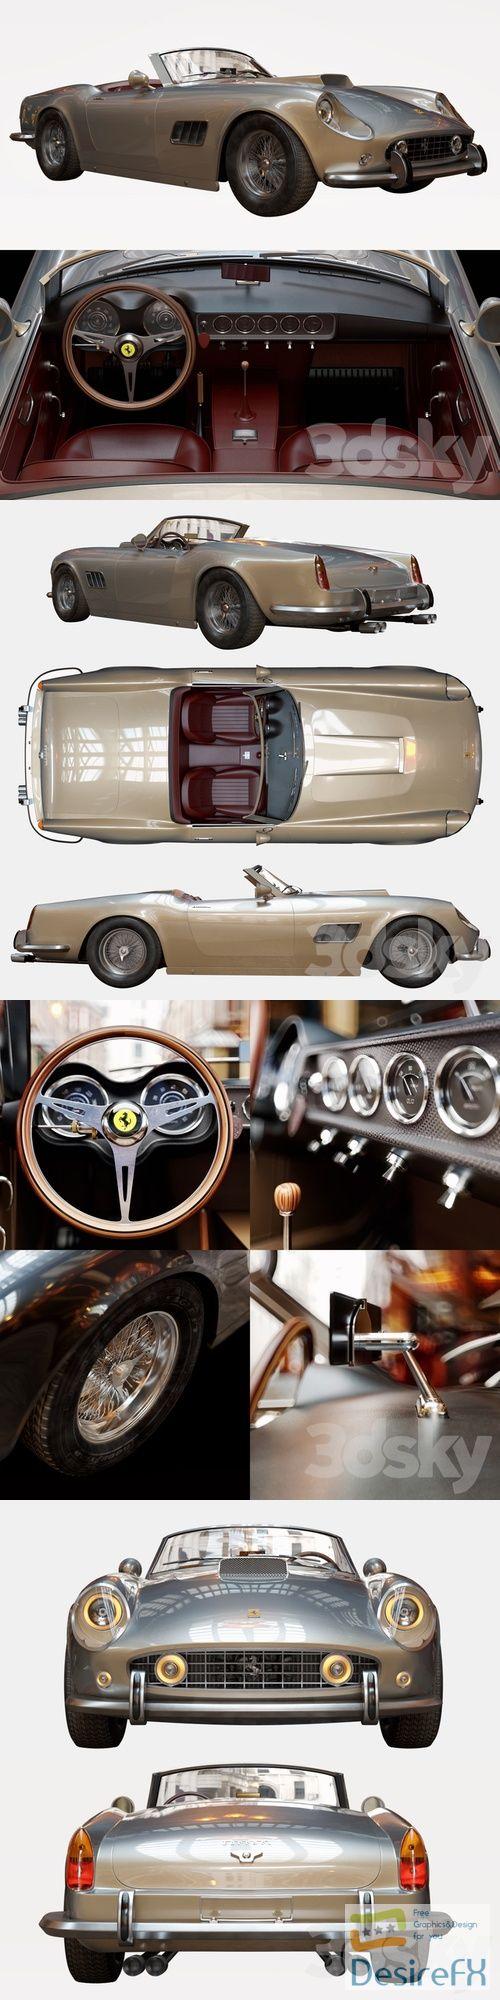 Ferrari 250 GT SWB California Spyder 3D Model